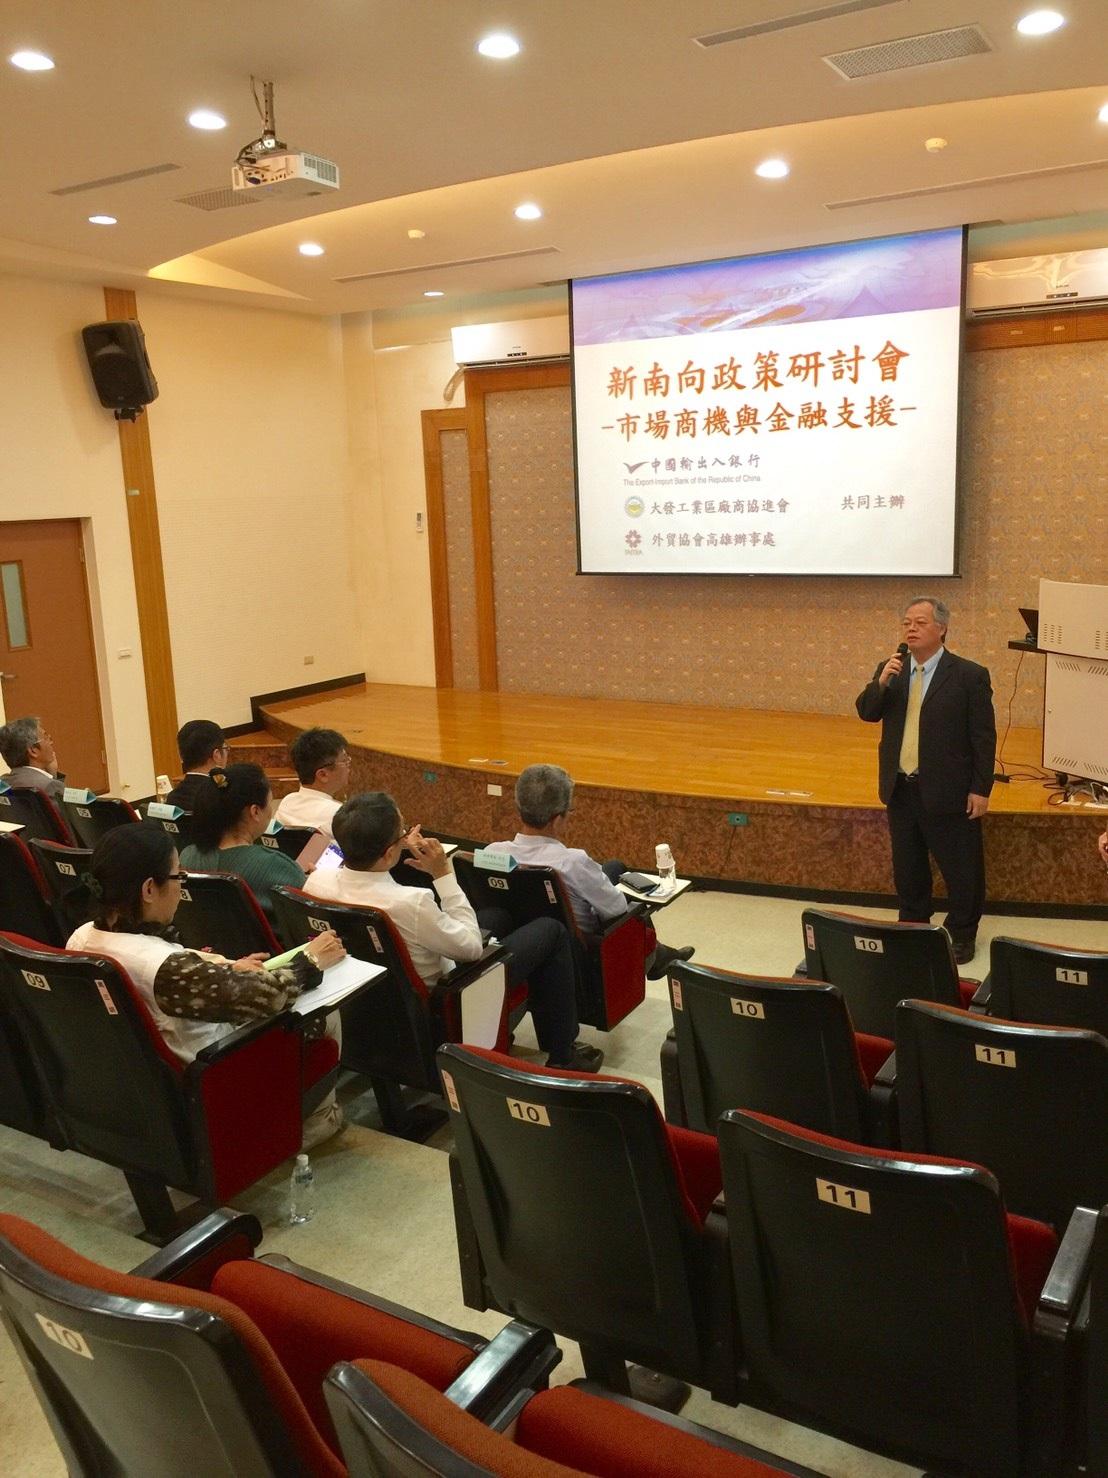 圖片說明-高雄分行5/16新南向政策研討會圓滿成功